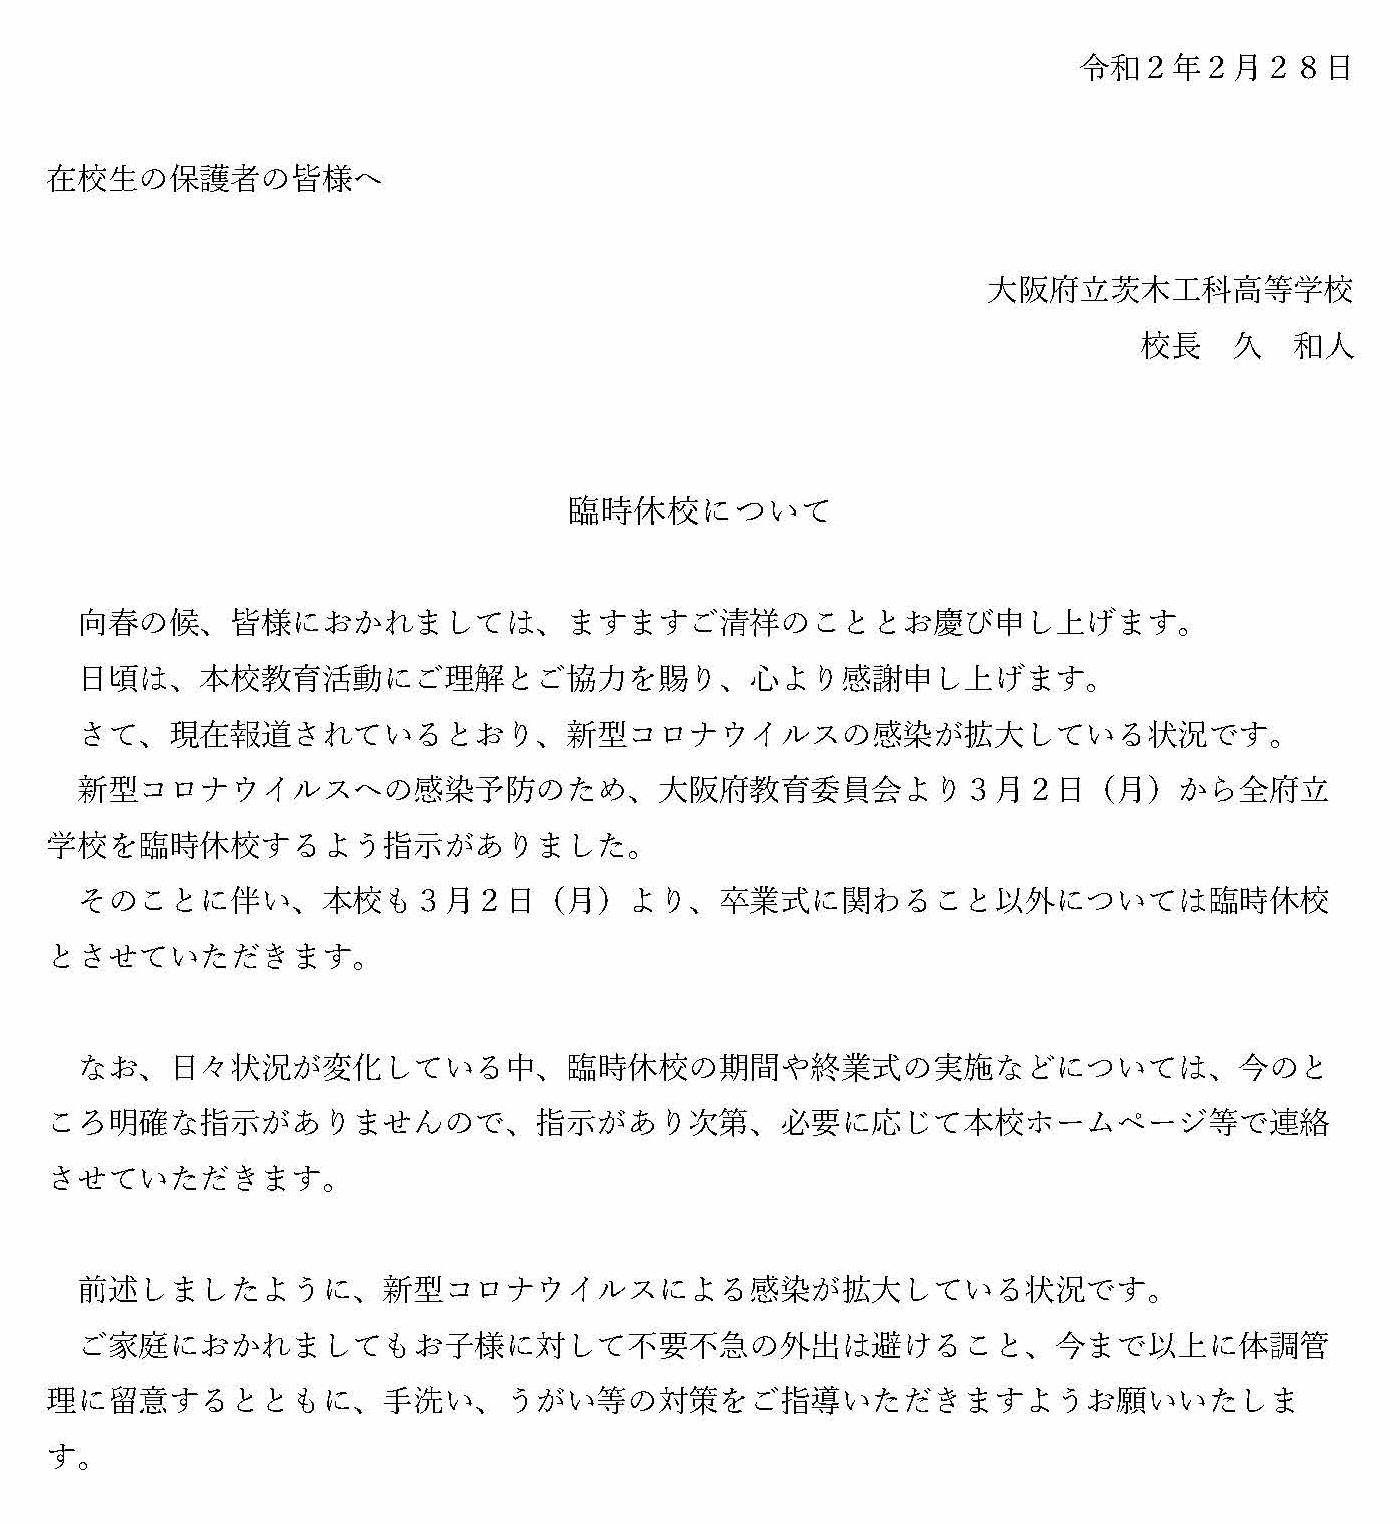 公立 大阪 コロナ 府 高校